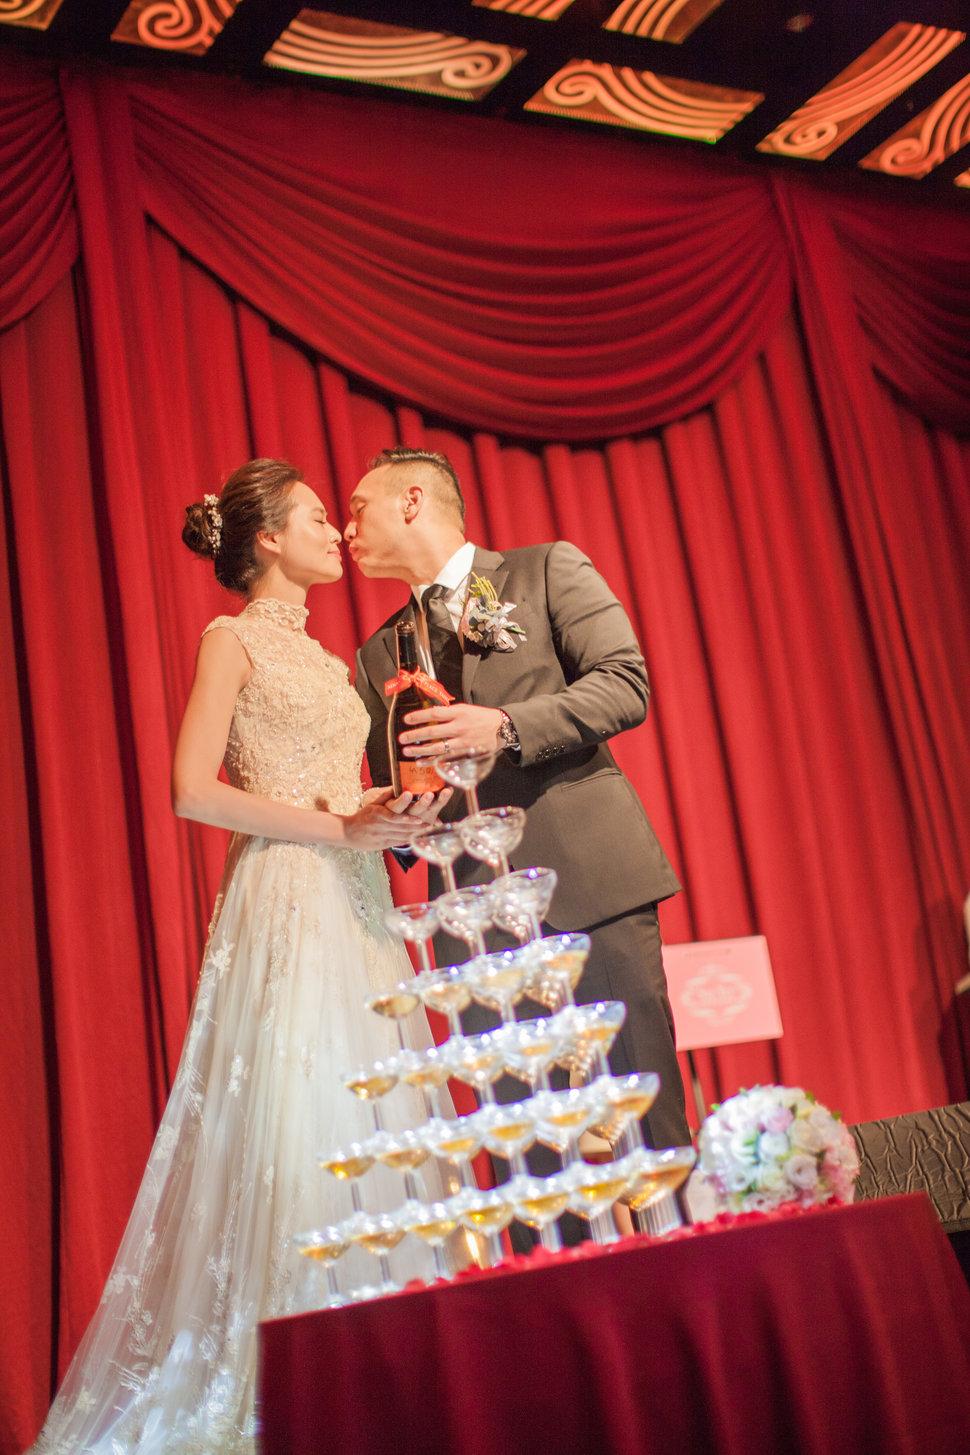 3g8y3760_26465527879_o - Leo影像 - 結婚吧